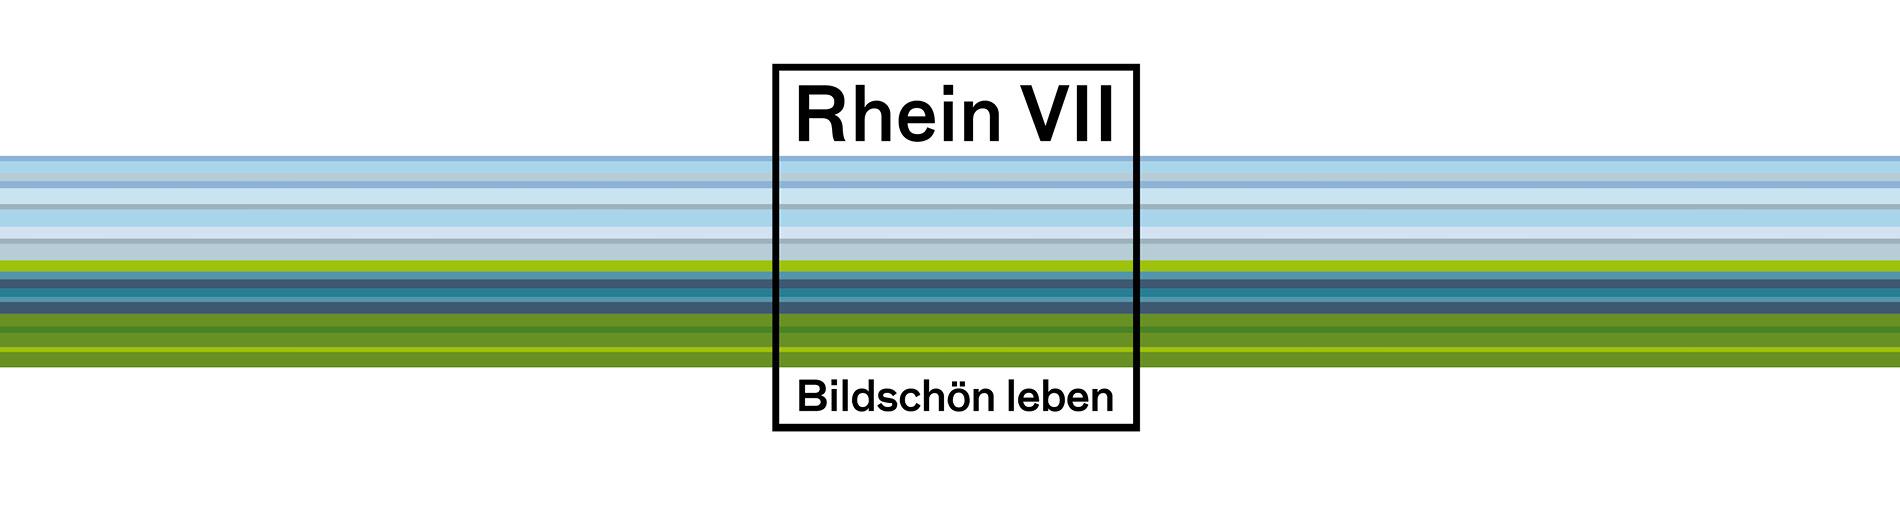 Corporate Design für das Standortmarketingkonzept für das Wohnquartier Rhein VII in Düsseldorf